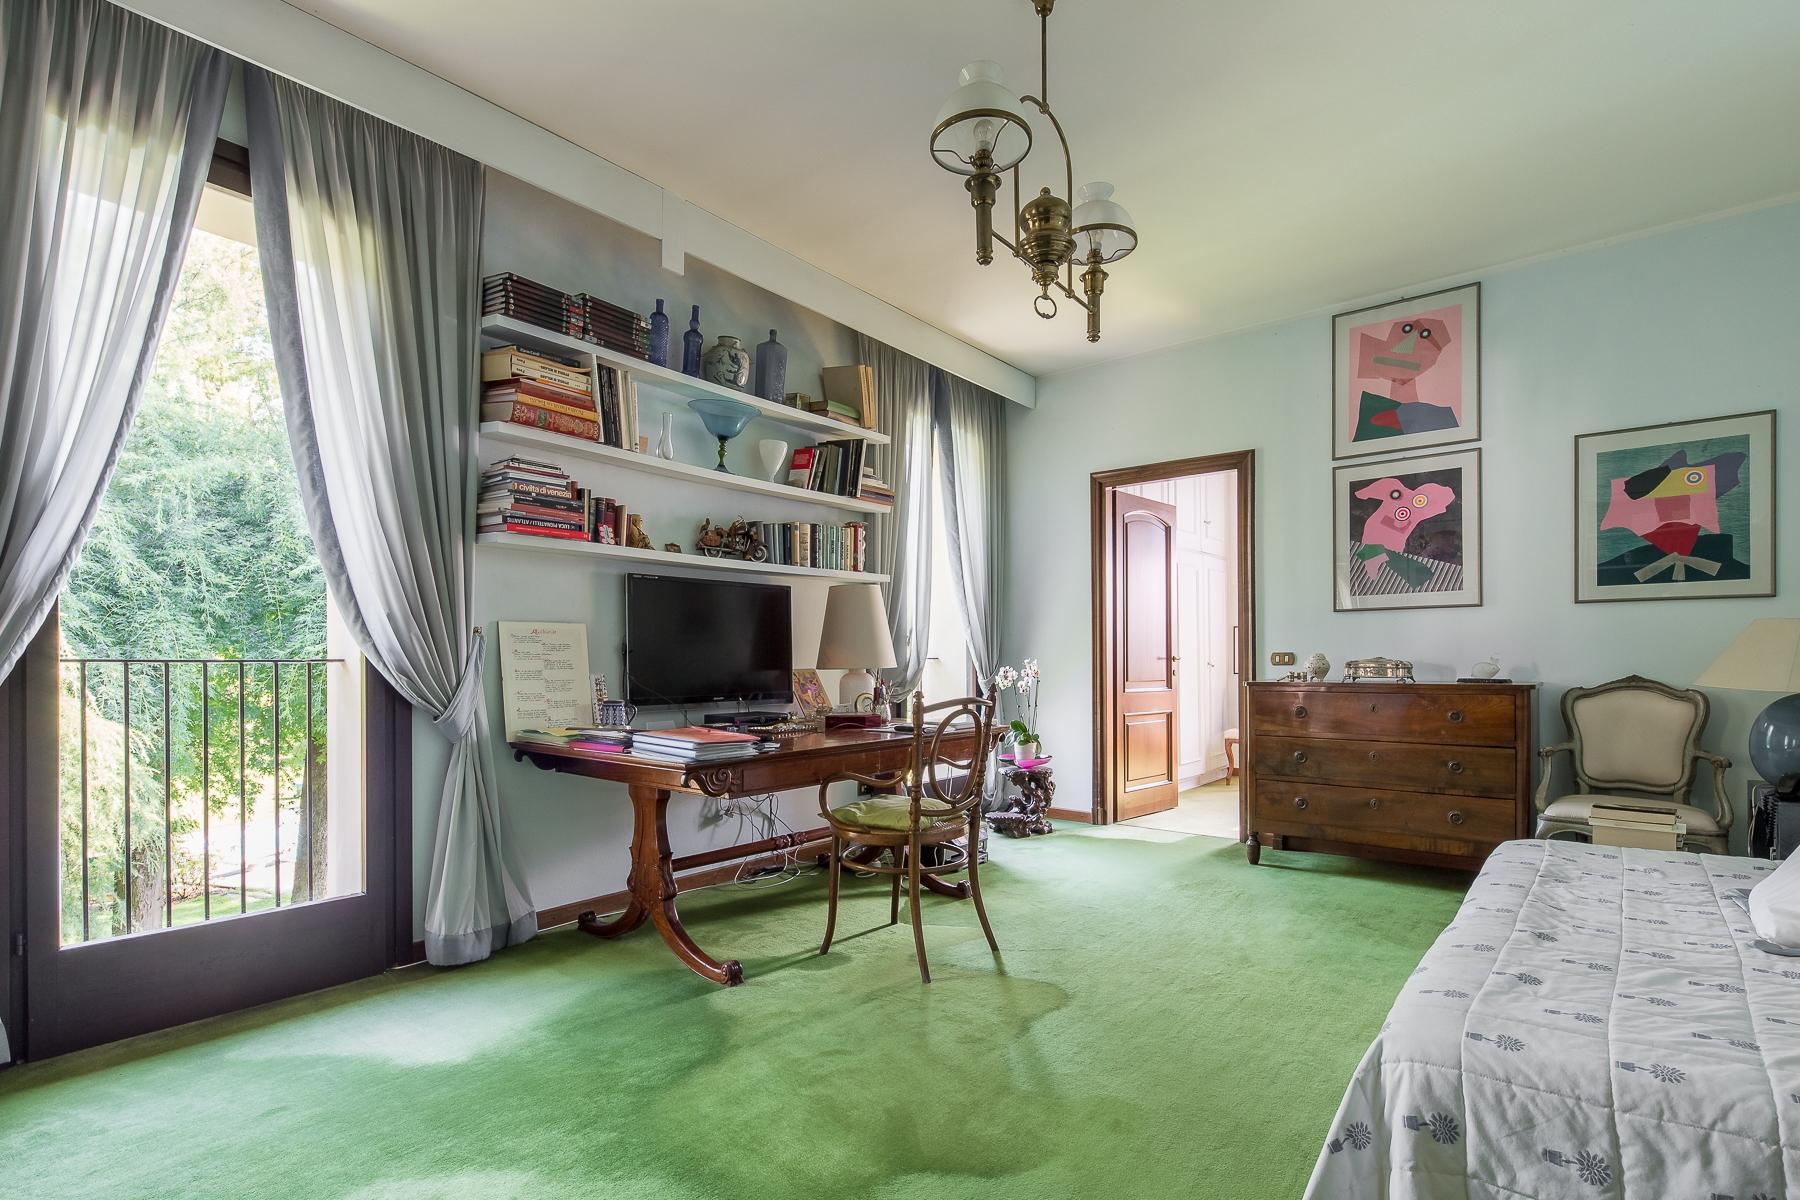 位于Ticino河岸边配有游泳池的别墅 - 18